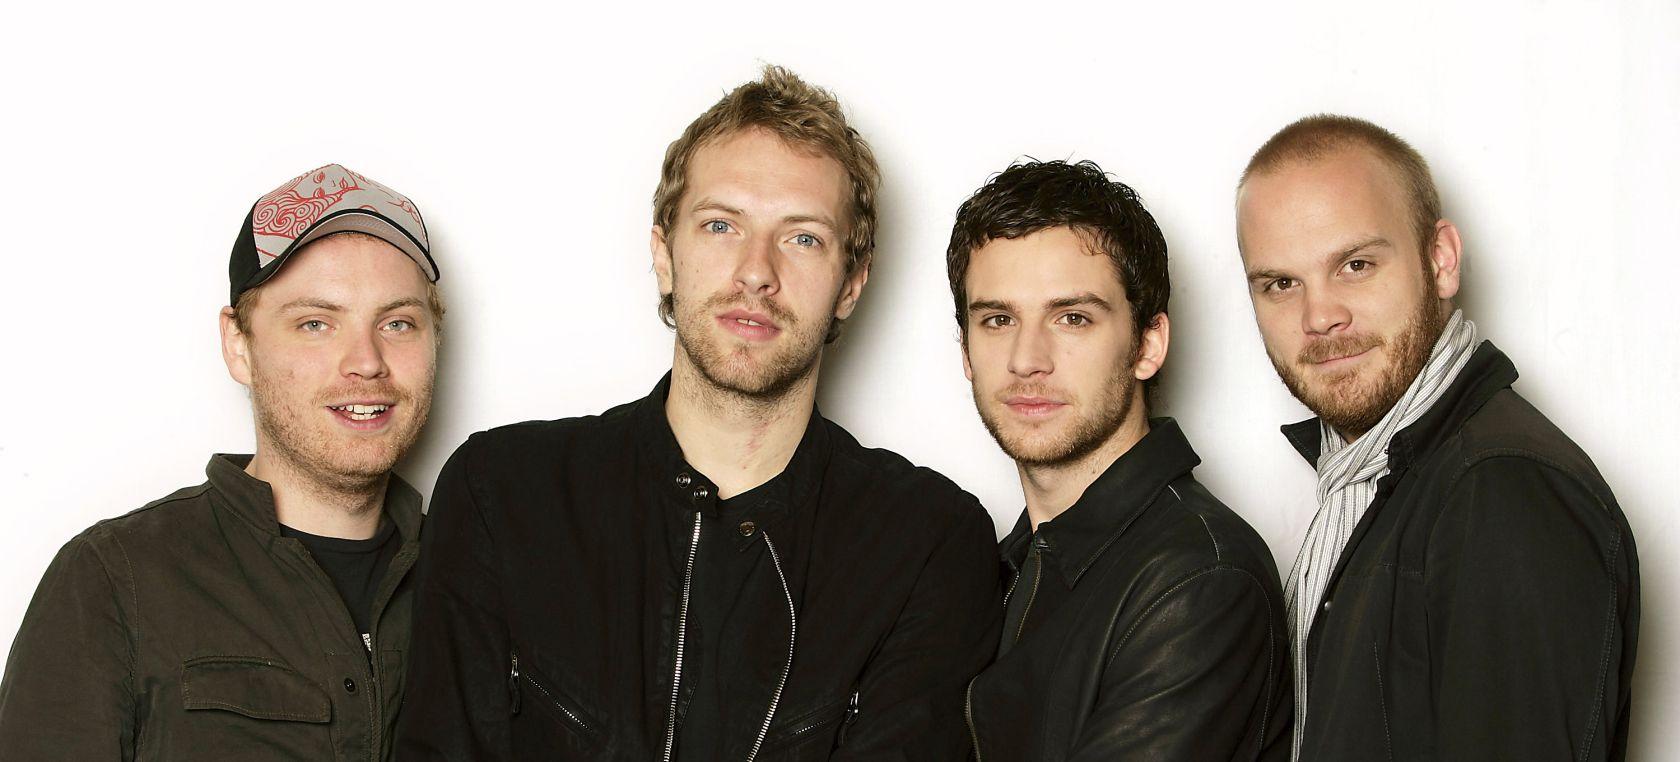 Las enigmáticas pistas de Coldplay sobre su nueva canción: Higher Power | Música | LOS40